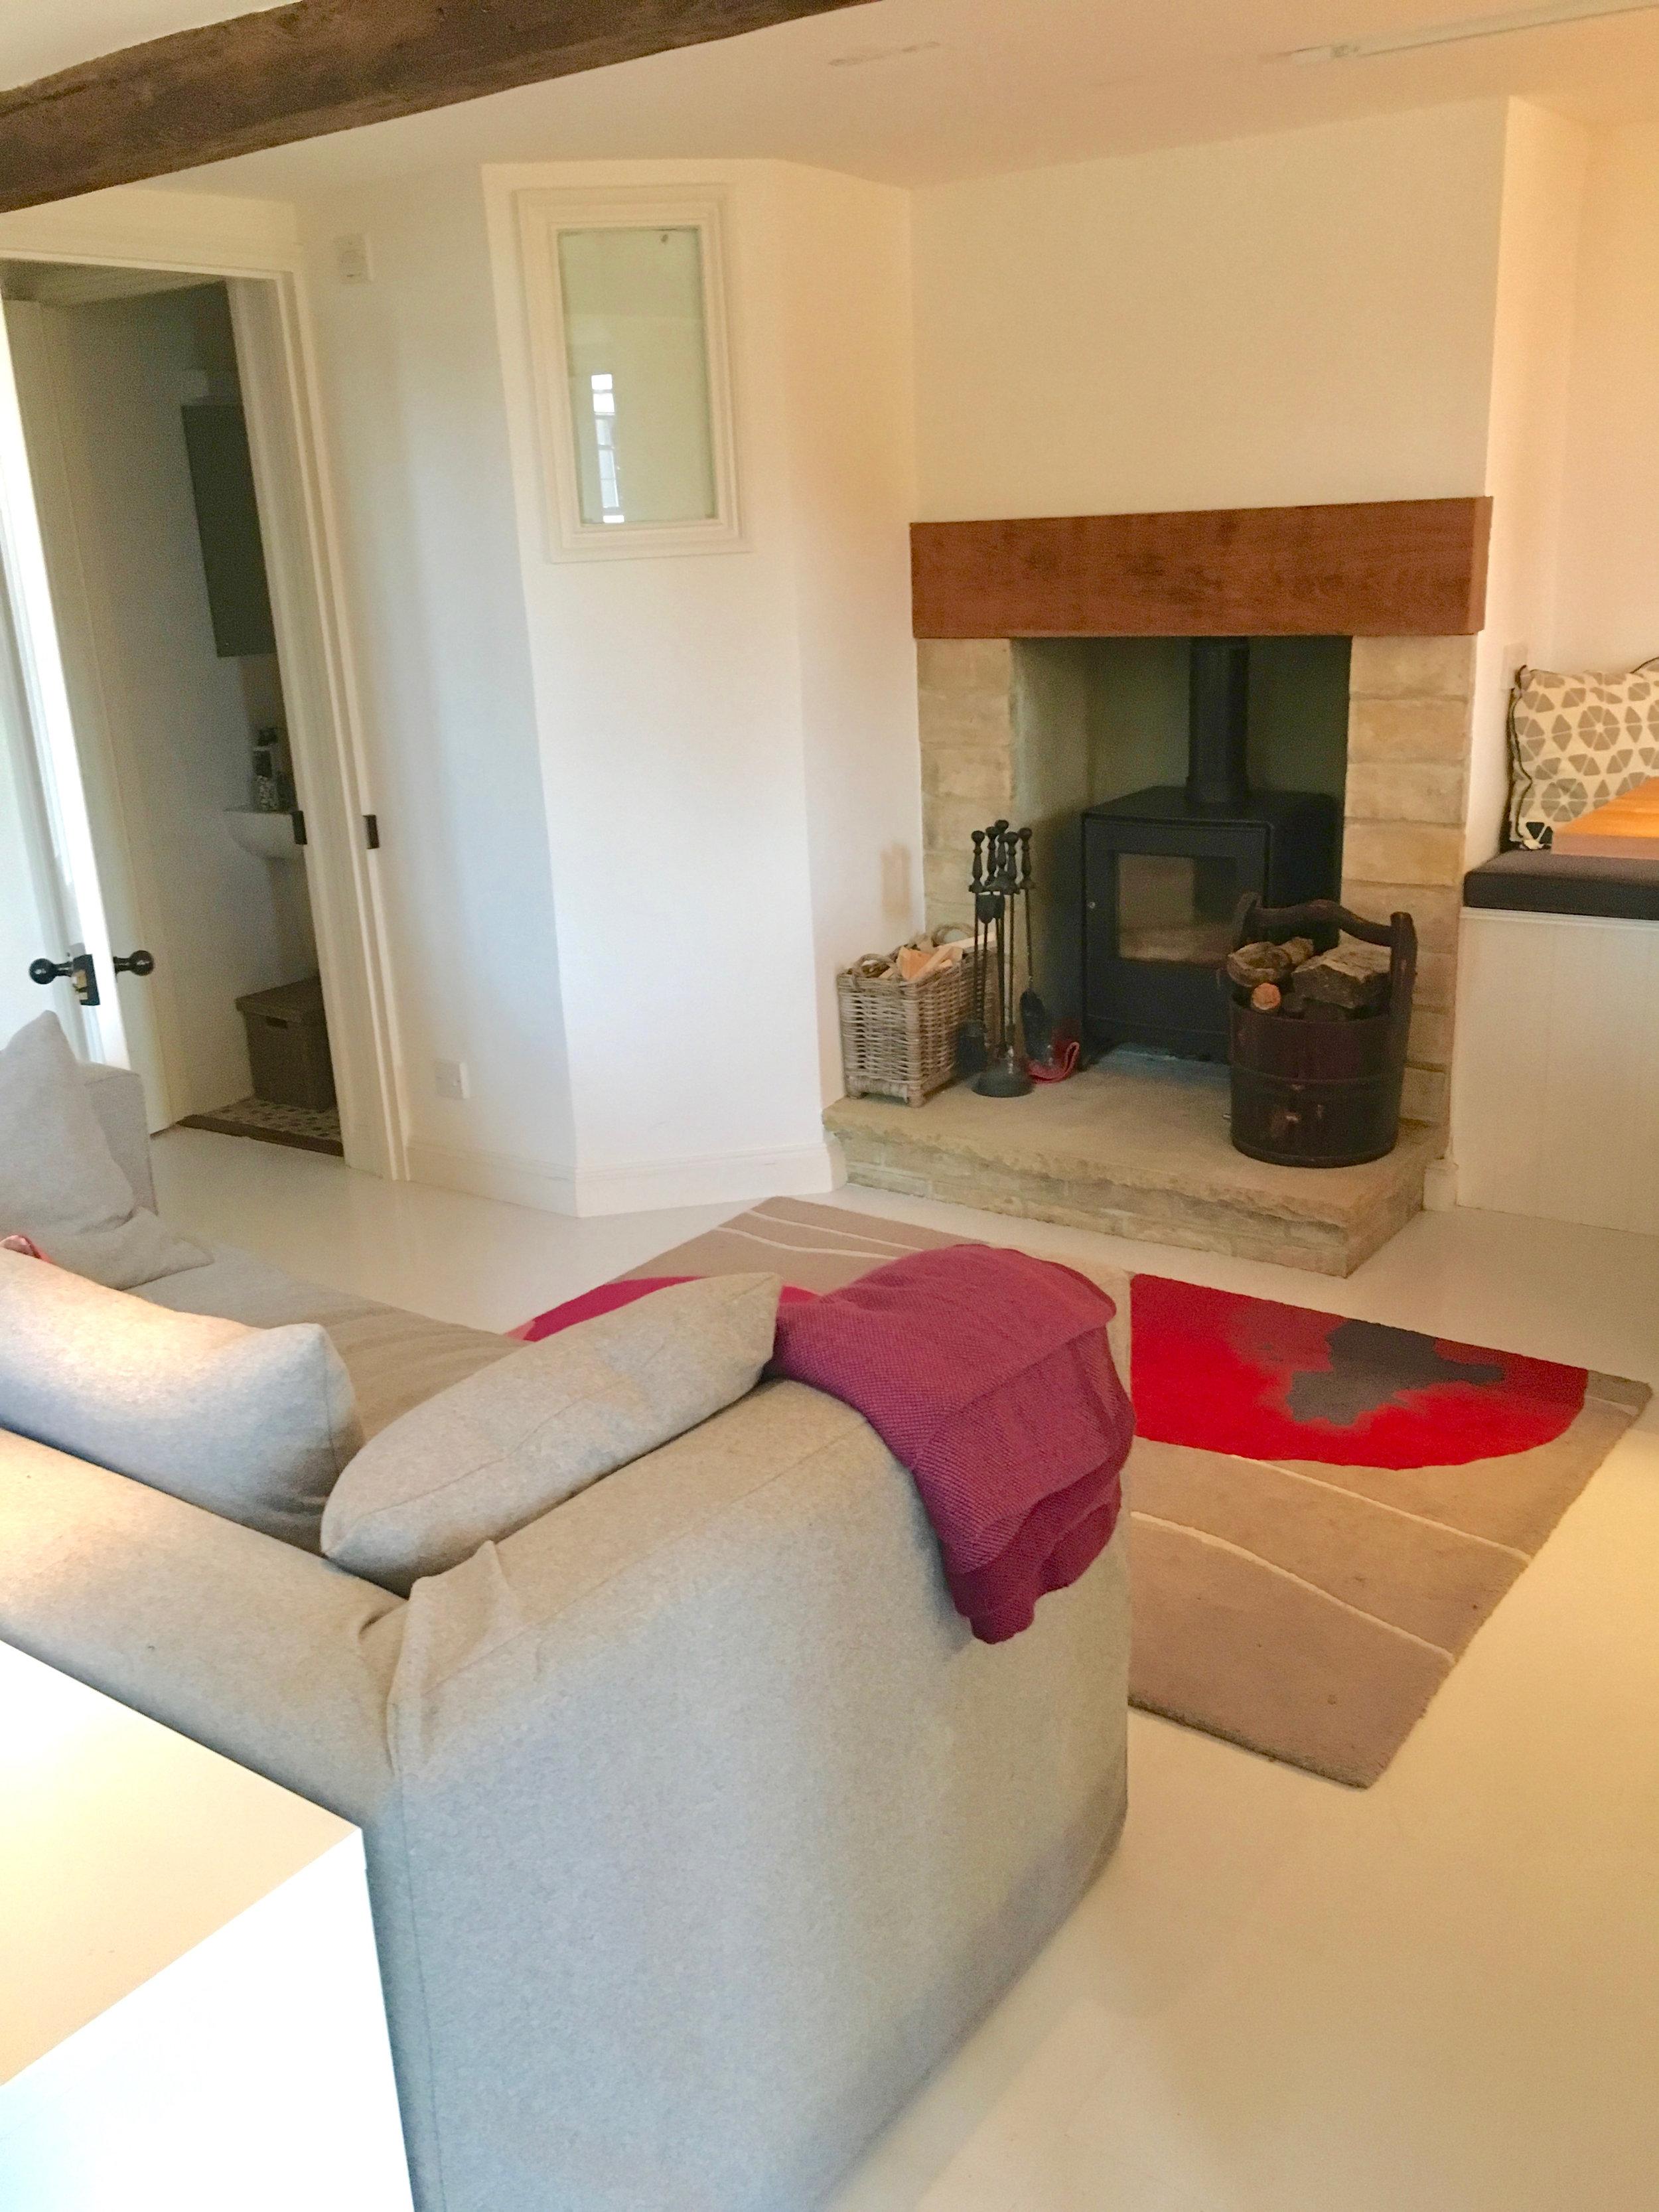 Sofa and woodburner